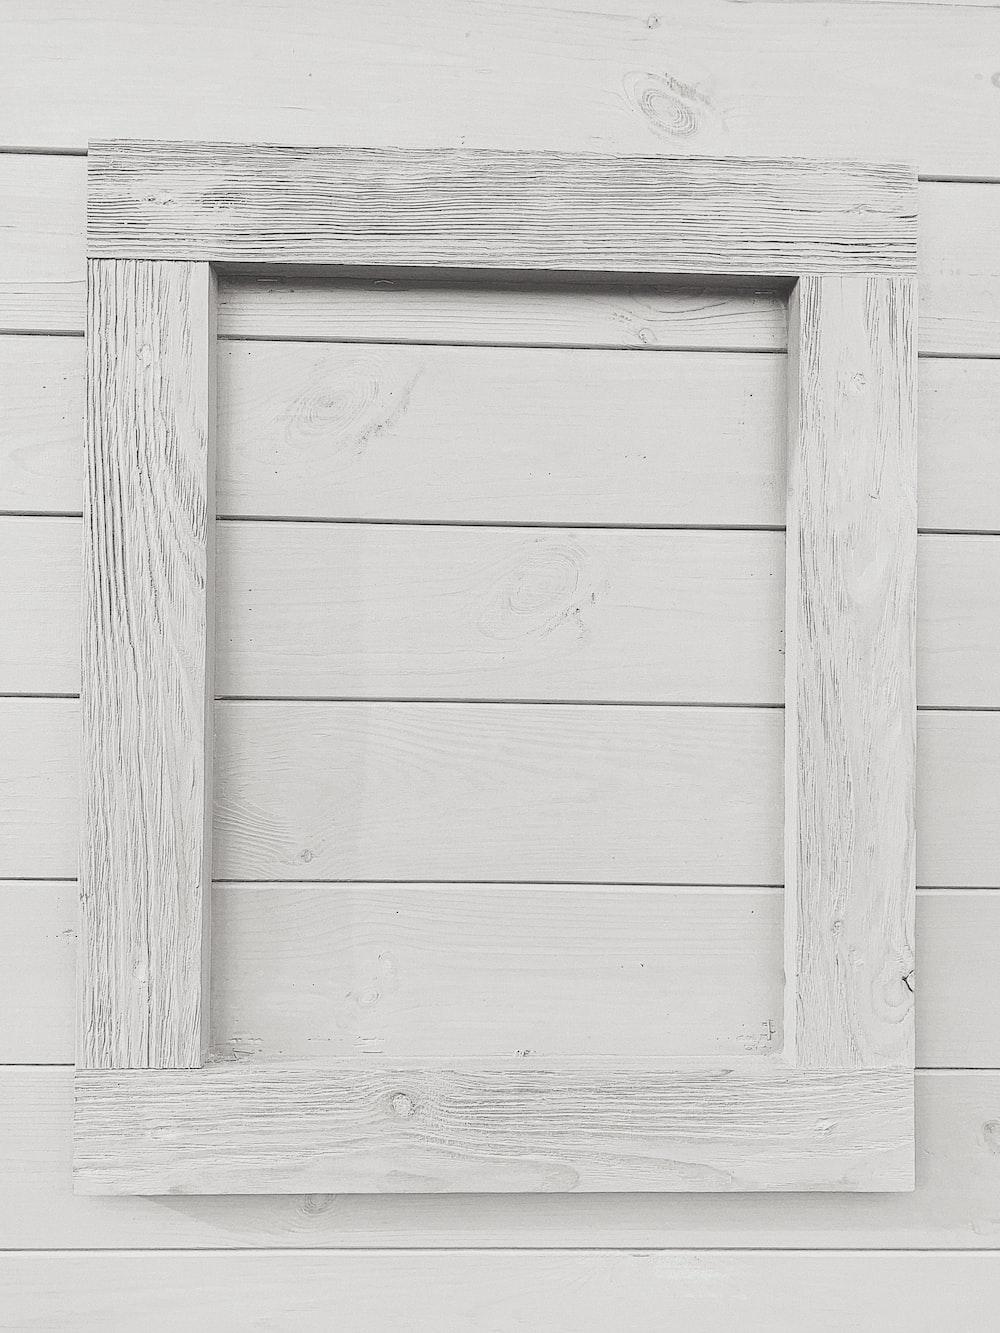 rectangular white frame on white surface